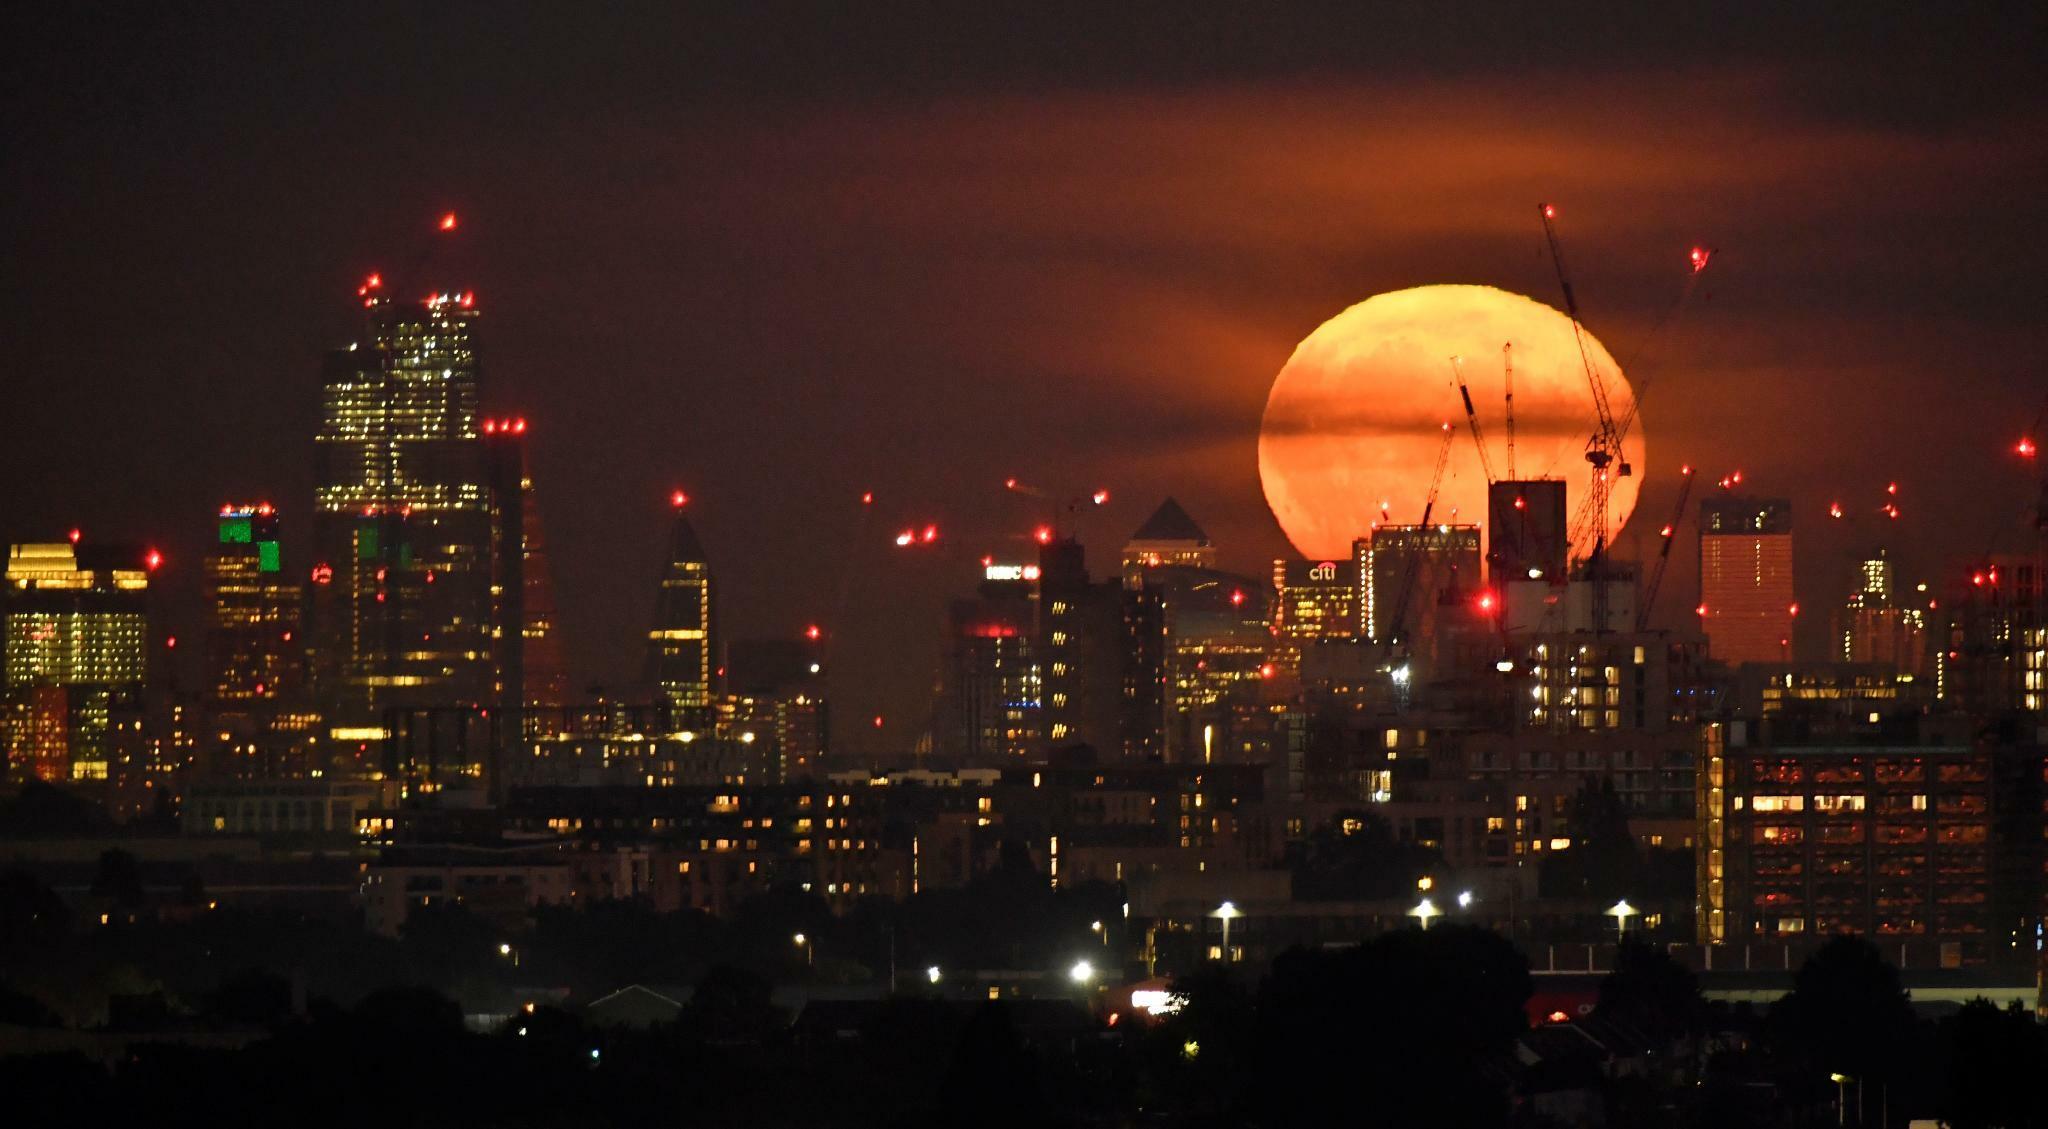 Finanzstandort London verliert laut Ranking an Bedeutung